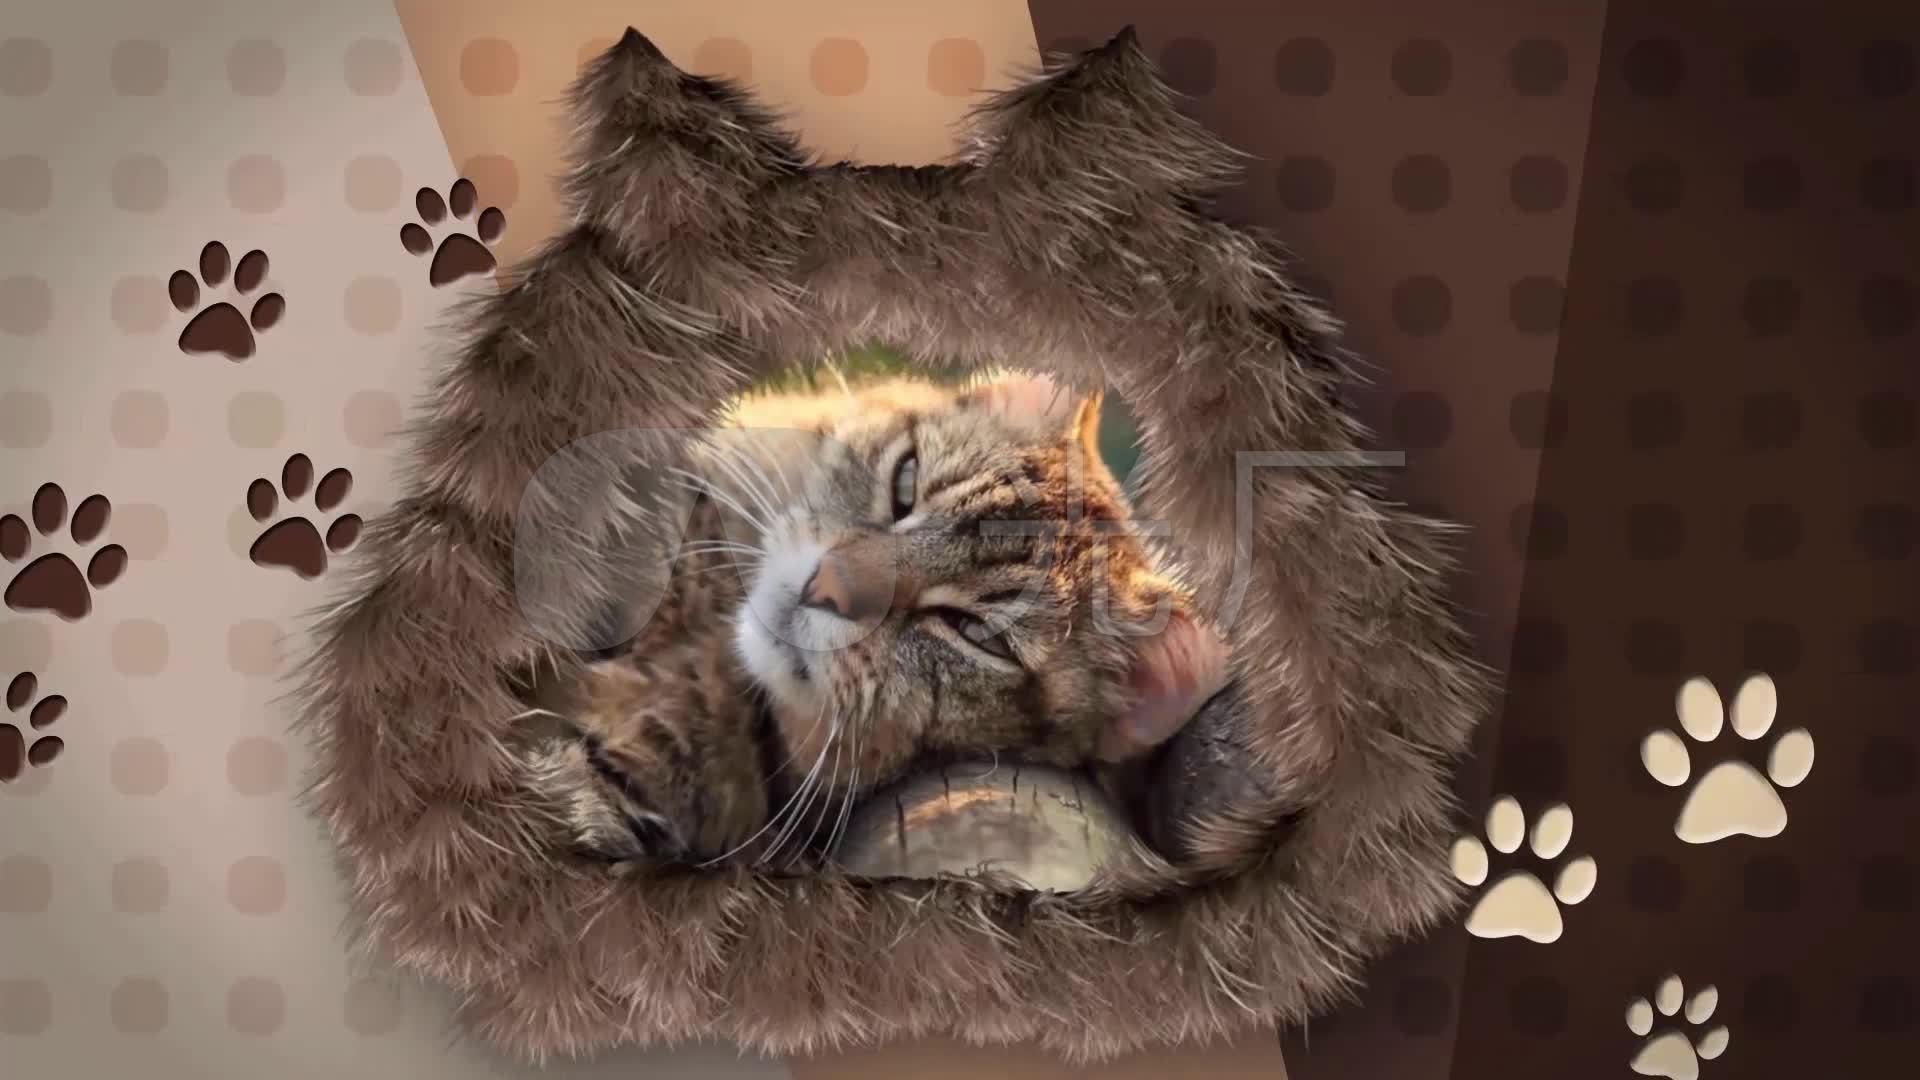 可爱萌宠毛绒猫爪宠物小视频包装片头转场_1